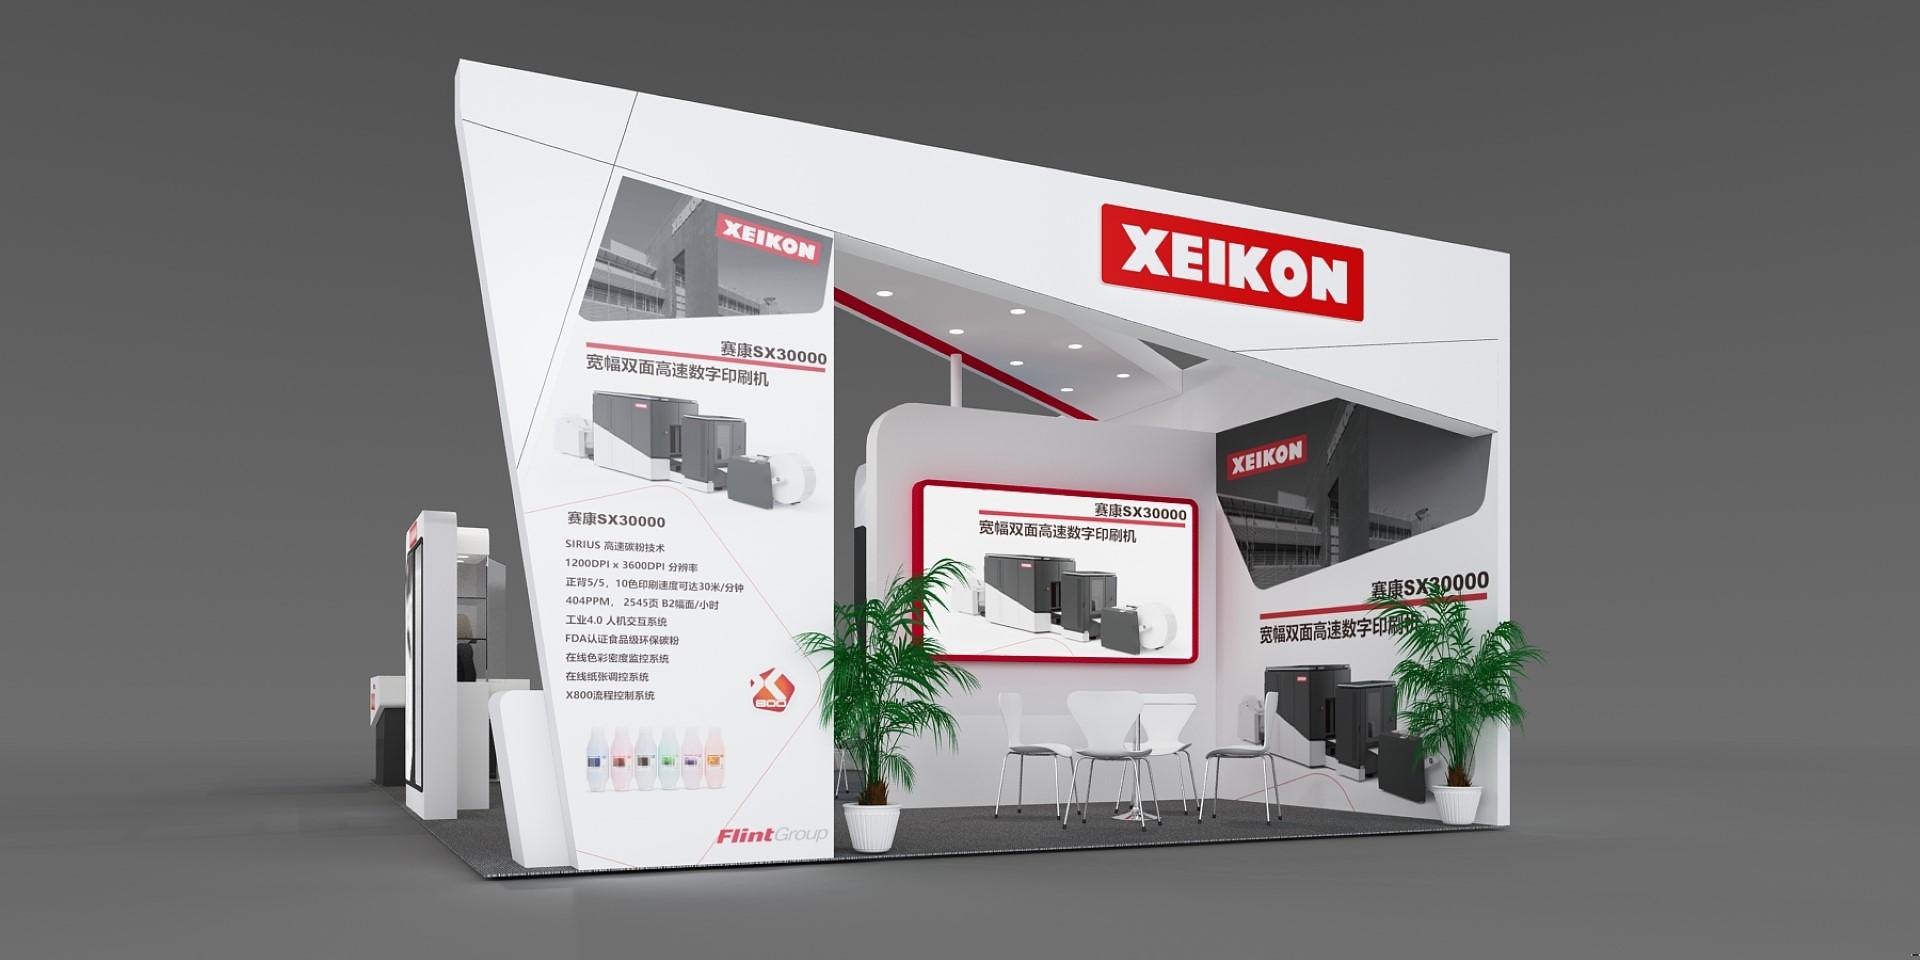 Xeikon Shows Off Transformational Digital Innovations at China Print 2021